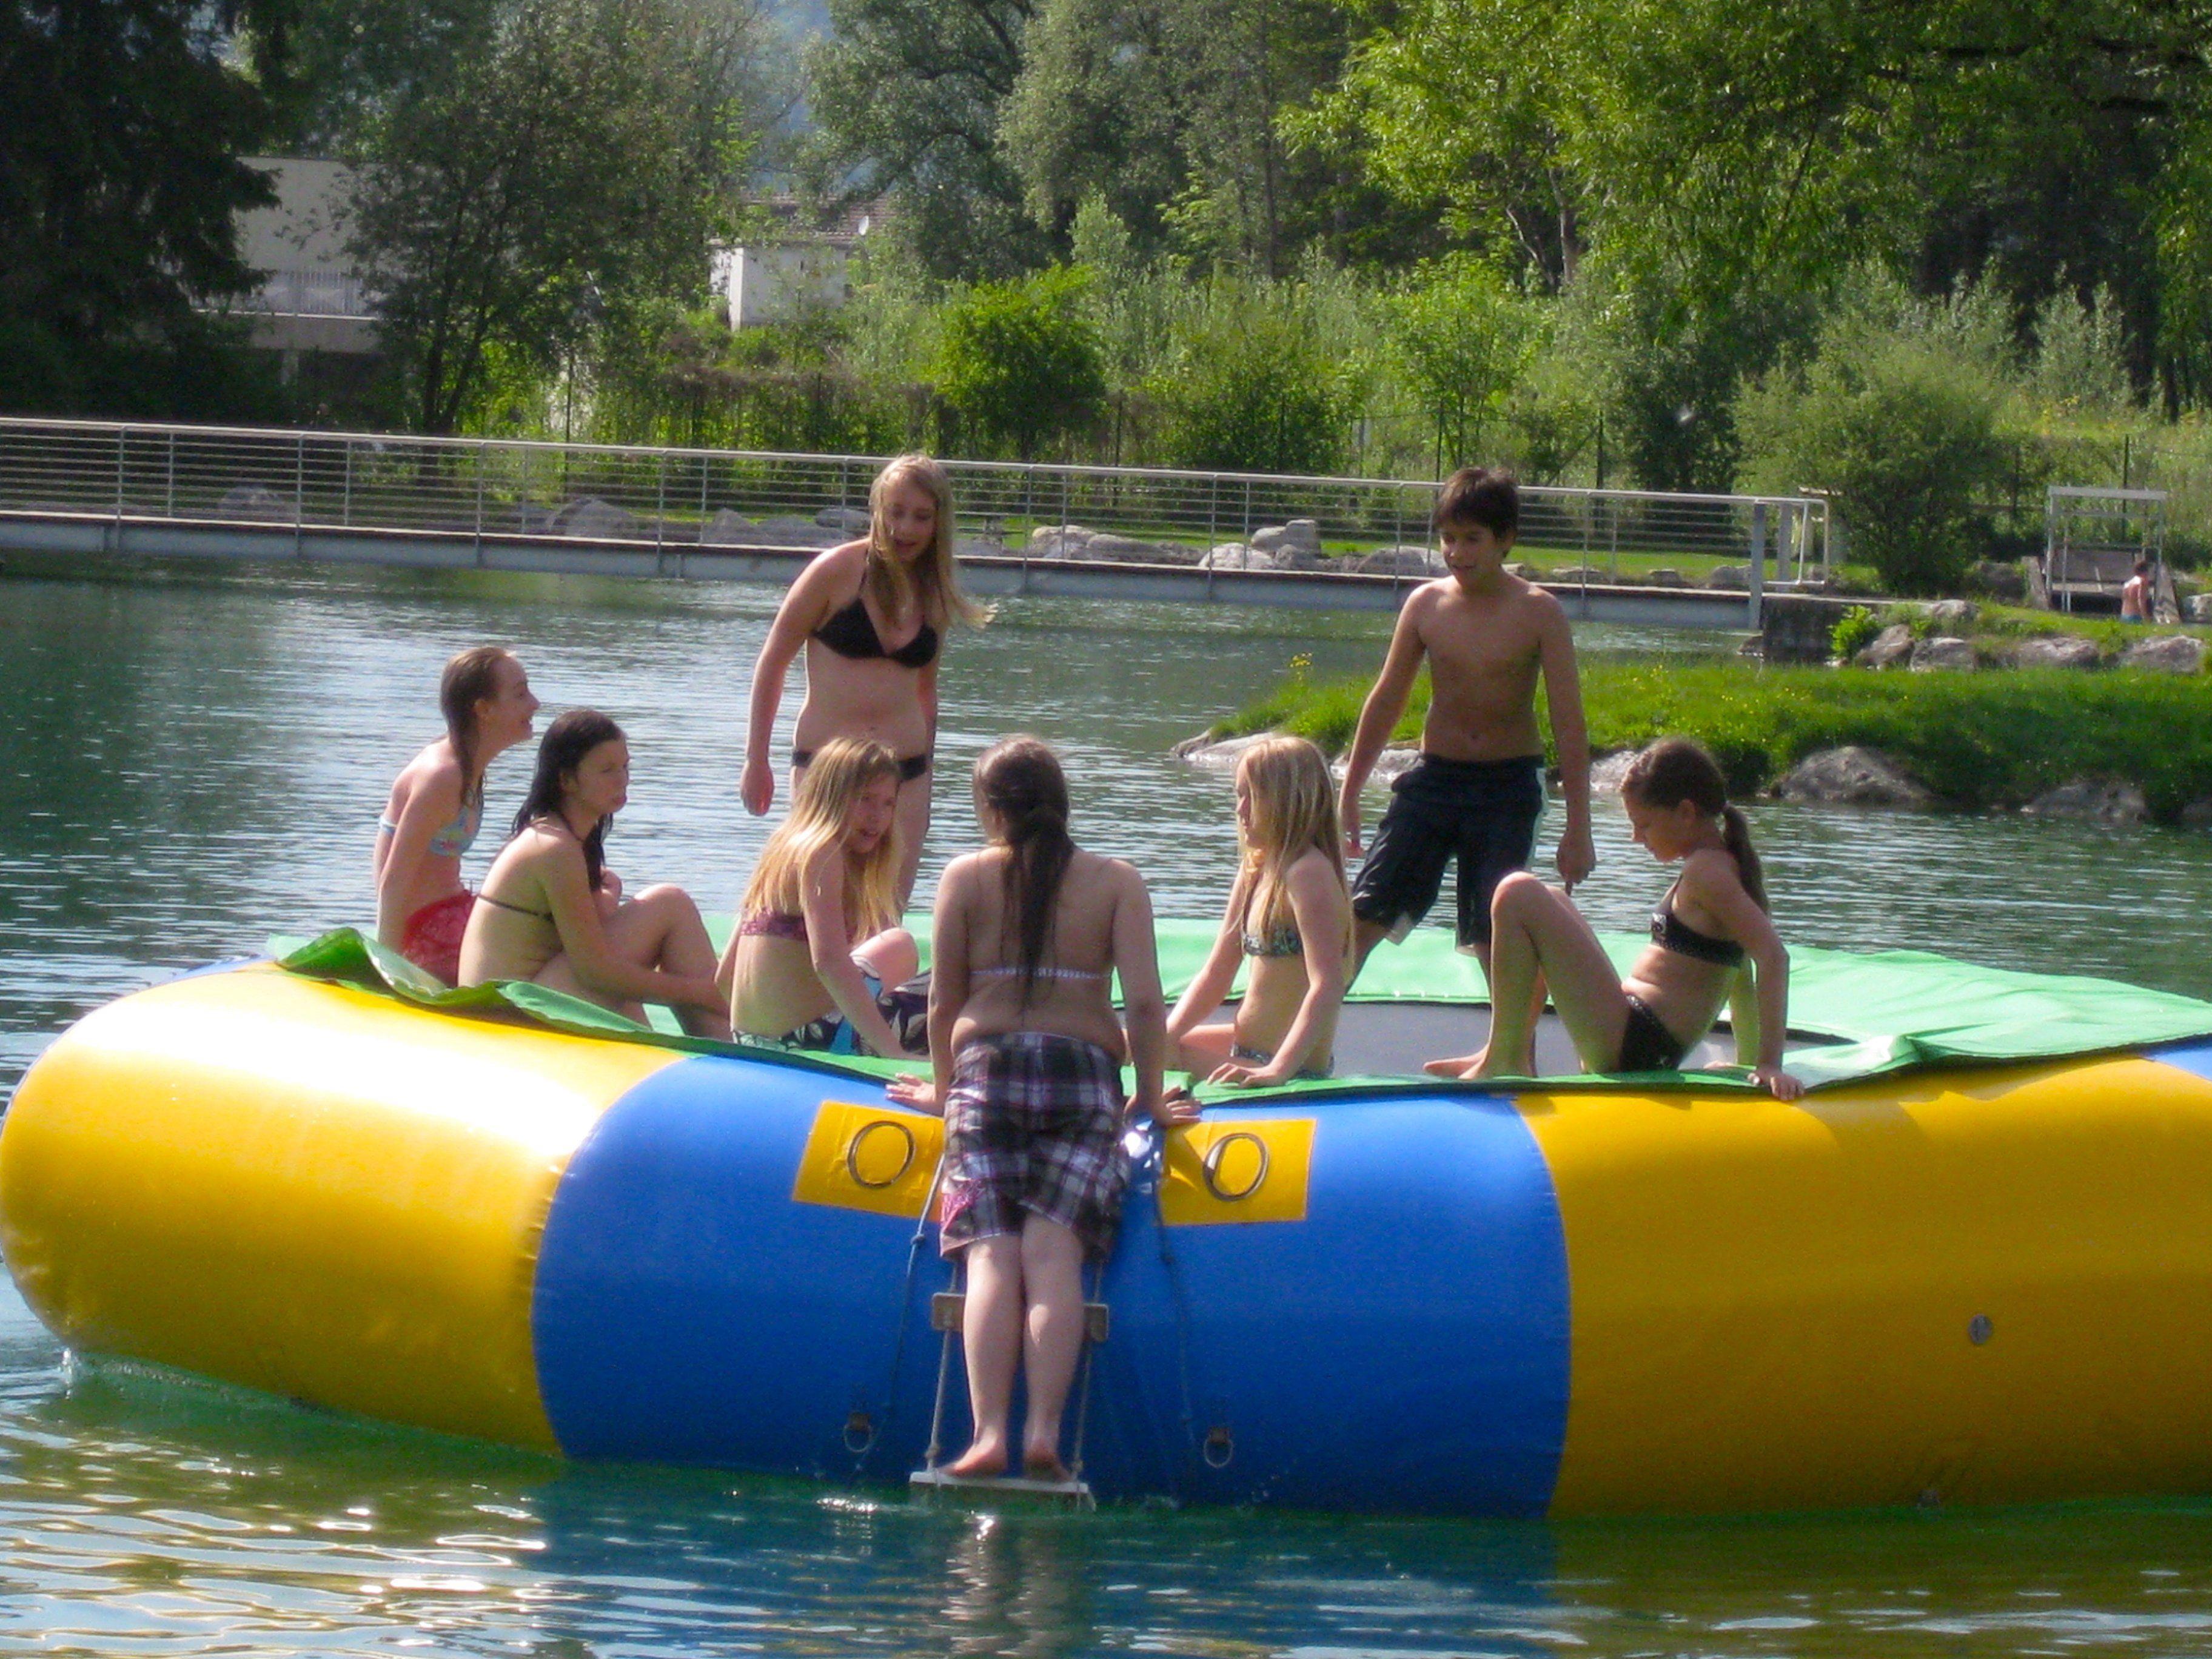 Jung und Alt findet ein tolles Sportangebot und viel Platz zum Ausruhen und Schwimmen im Naturbad Untere Au.